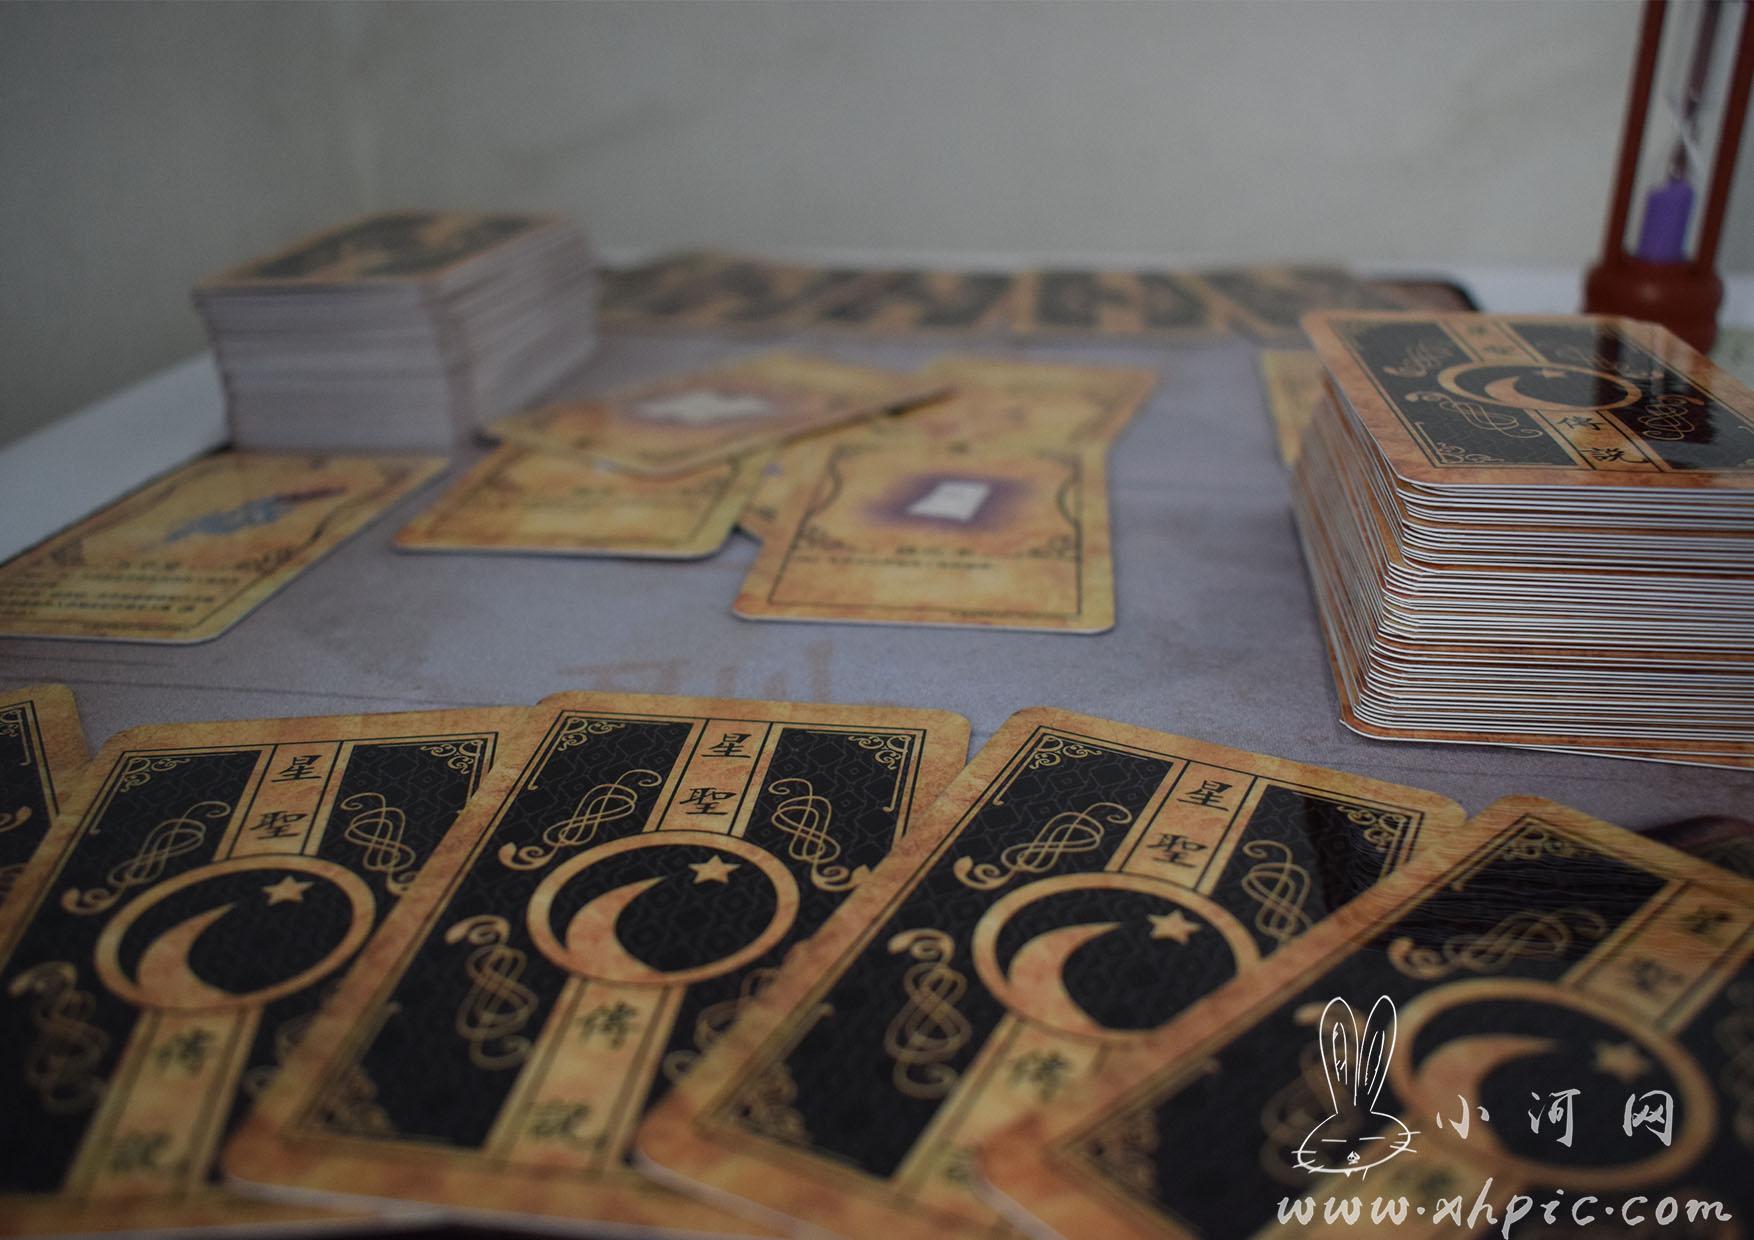 十二星座桌面卡牌游戏-星圣传说 个人作品 第3张